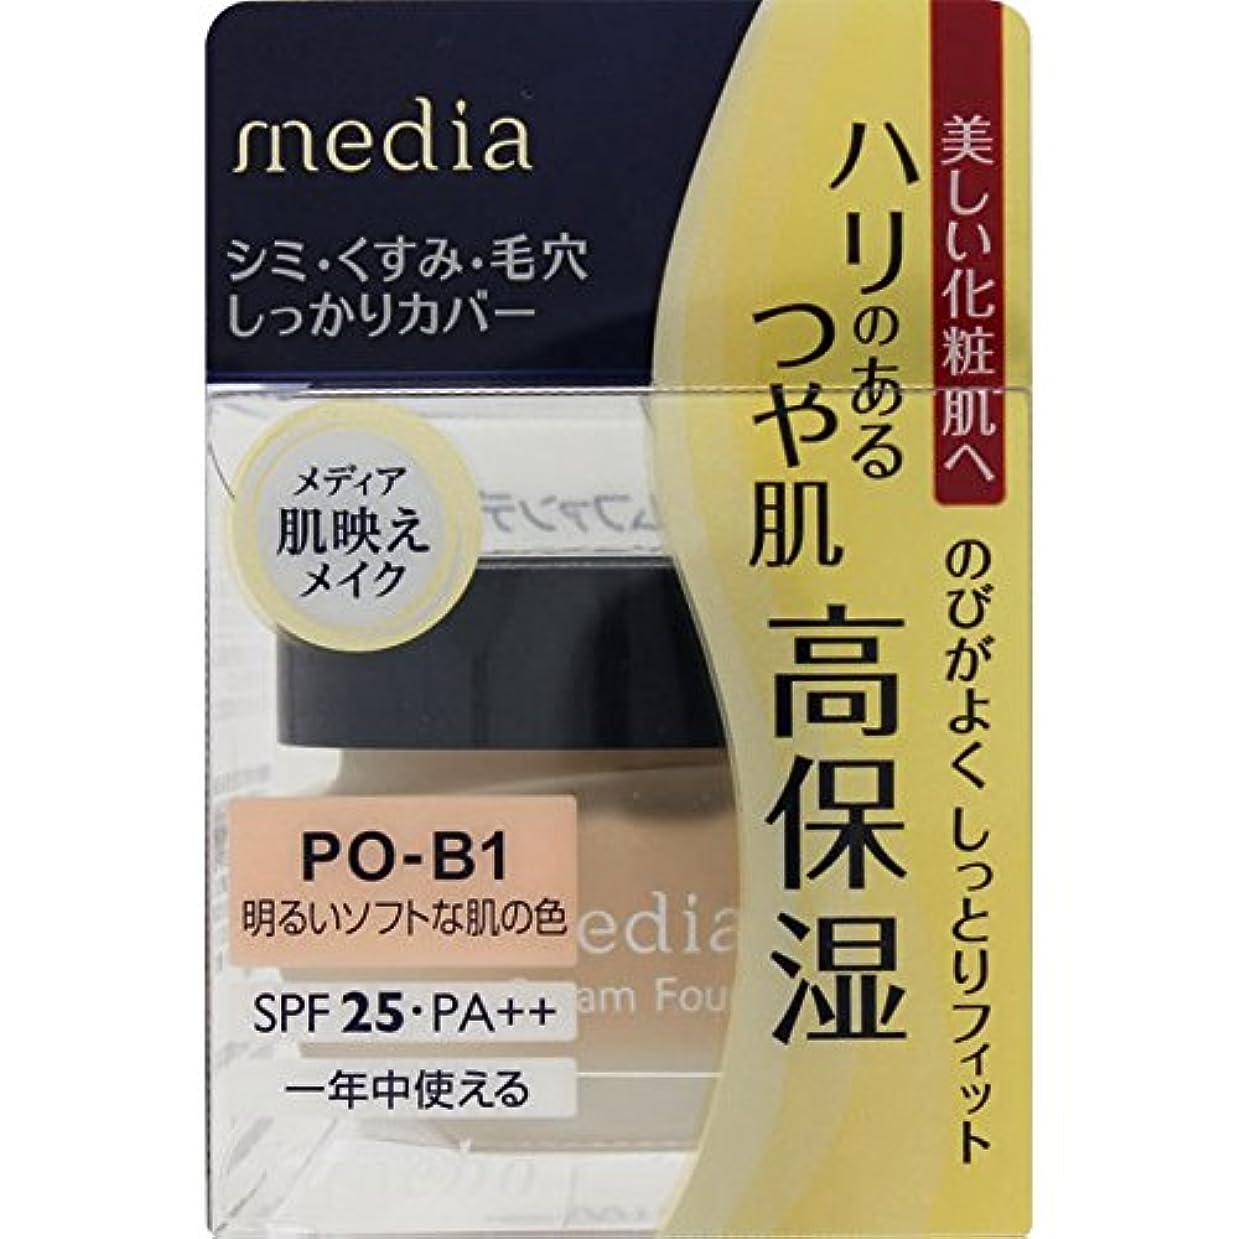 歩く精度詐欺カネボウ化粧品 メディア クリームファンデーション 明るいソフトな肌の色 POーB1